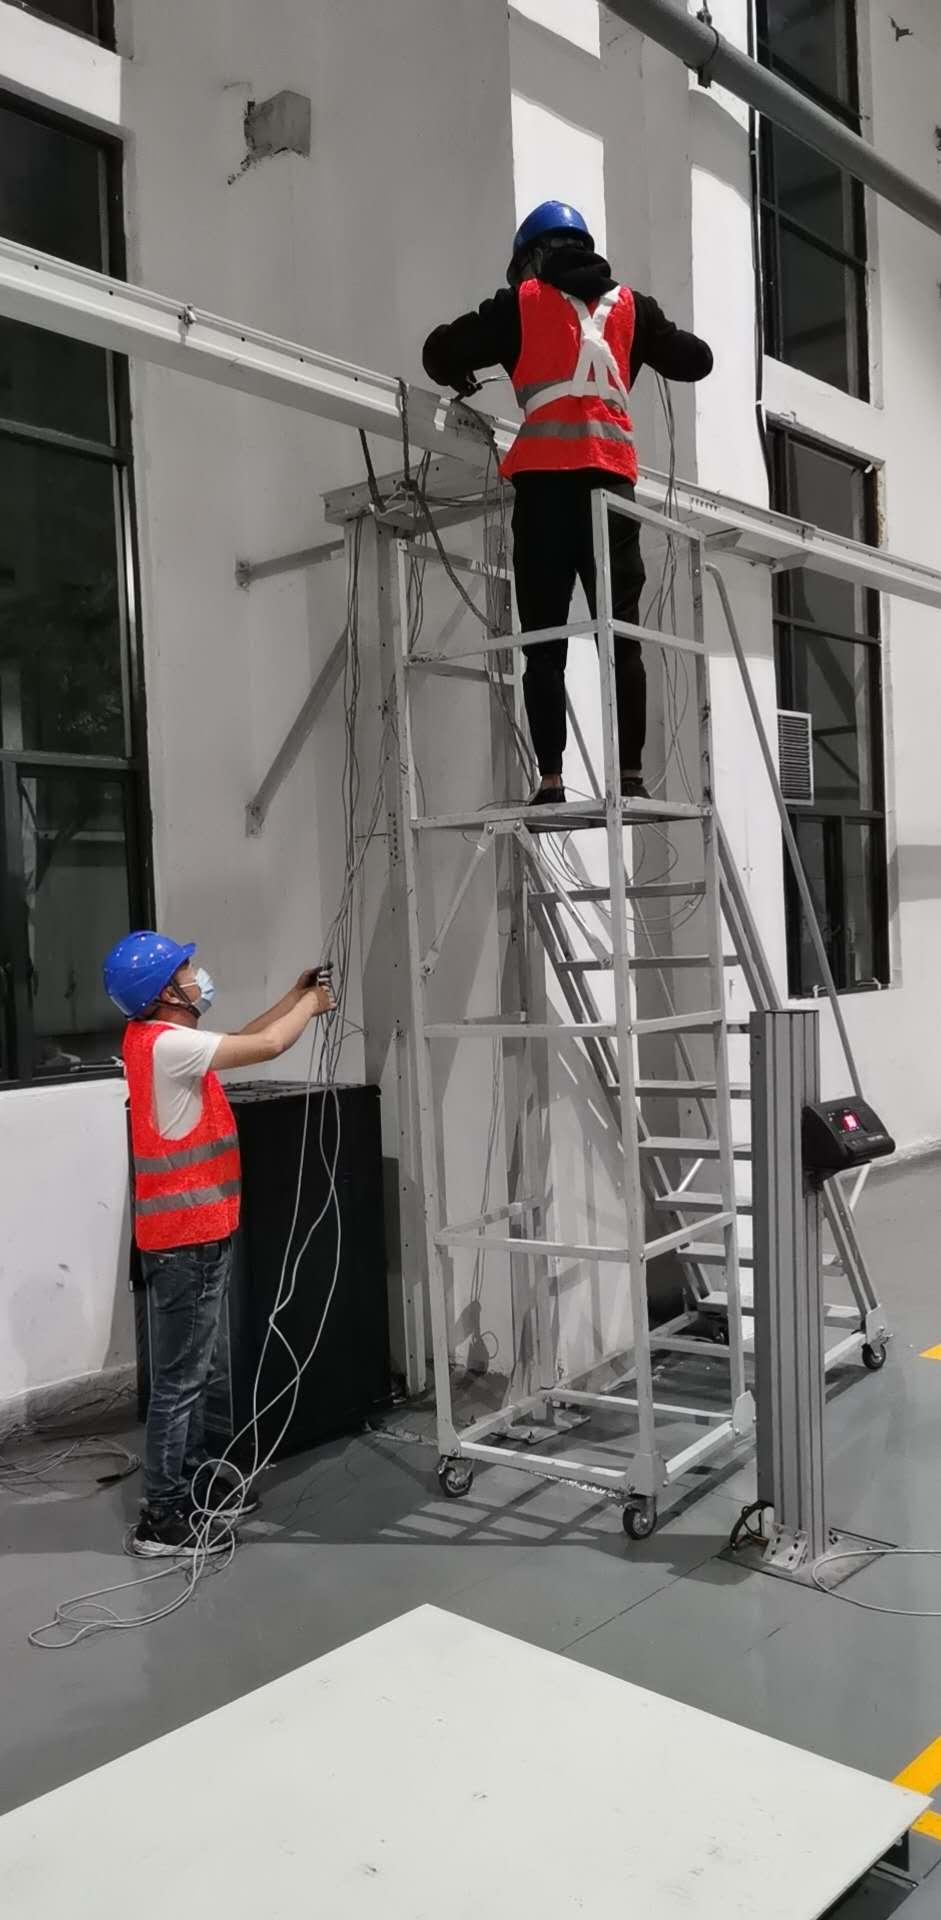 四川某集团公司车间内高清视频监控覆盖、无线网络覆盖